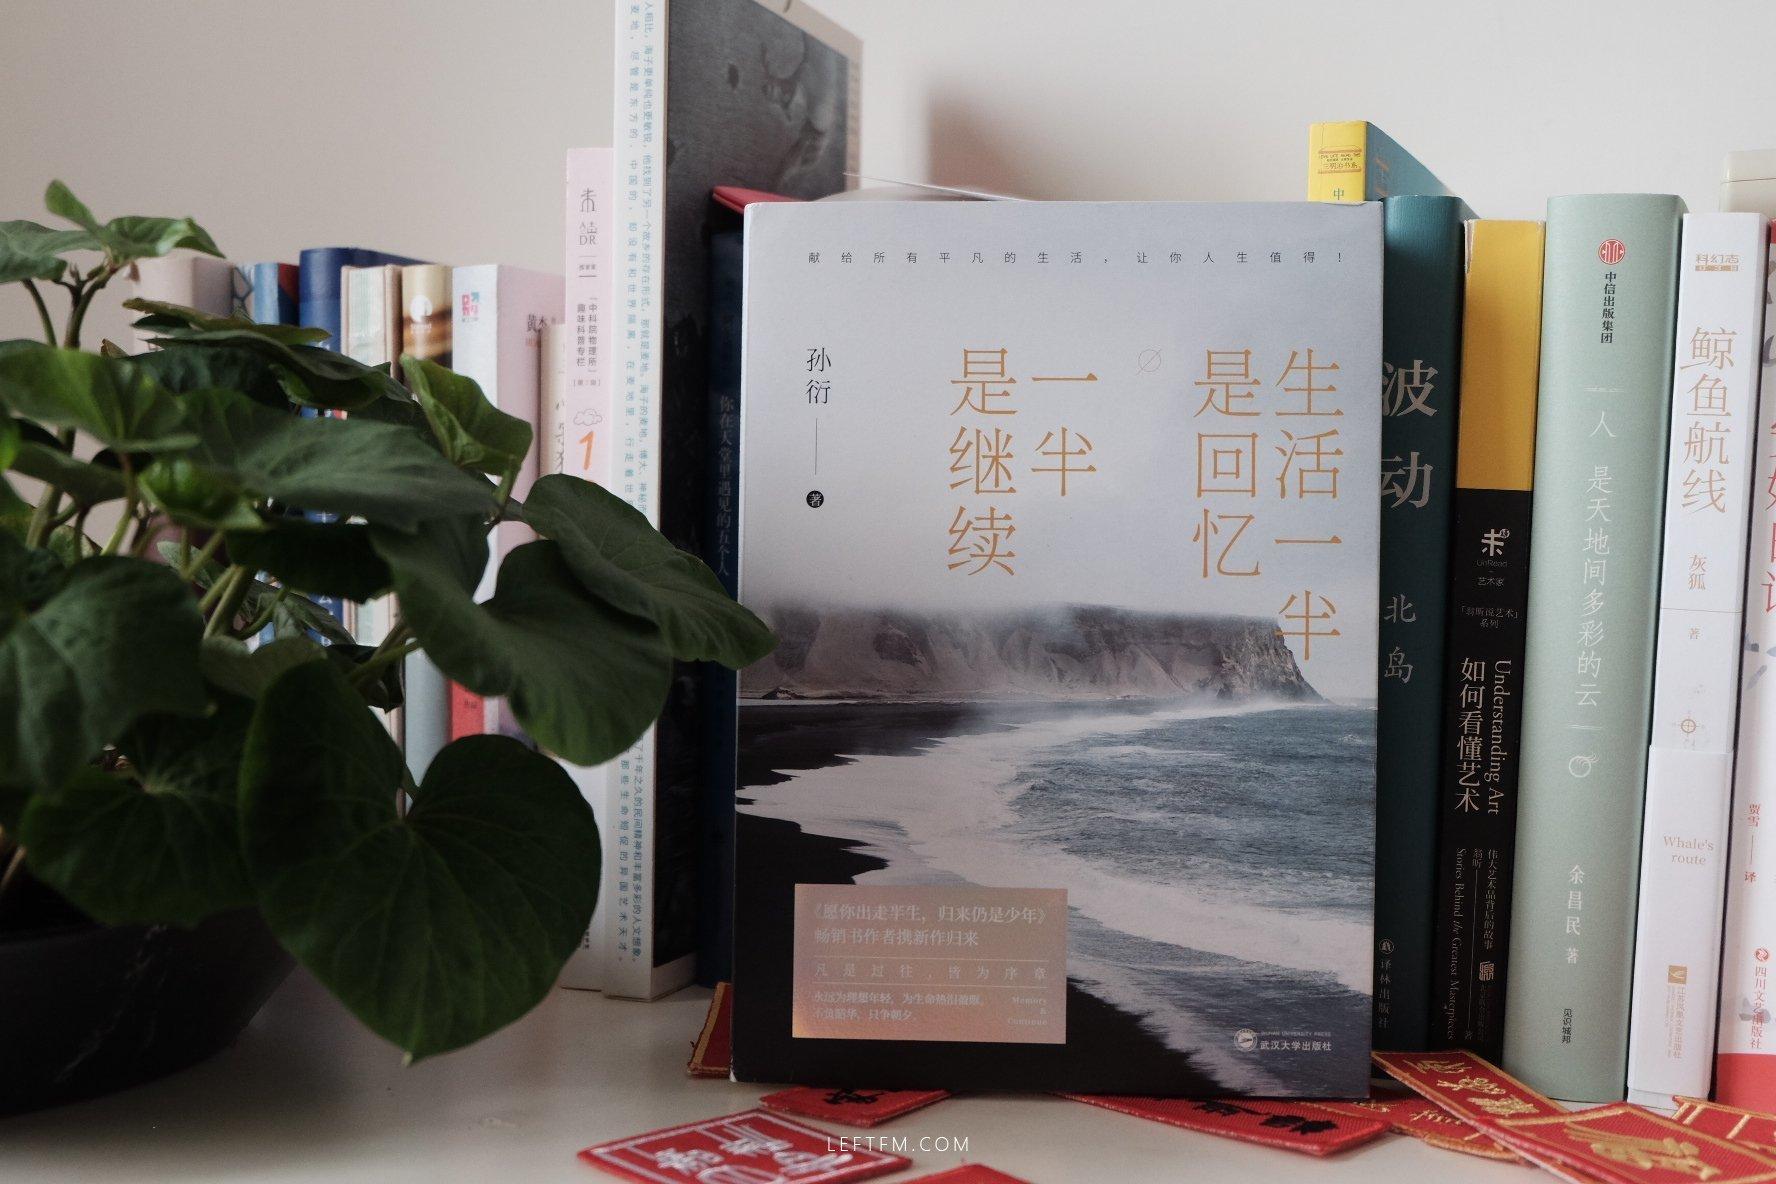 孙衍 / 生活的一半是回忆,一半是继续 / 武汉大学出版社